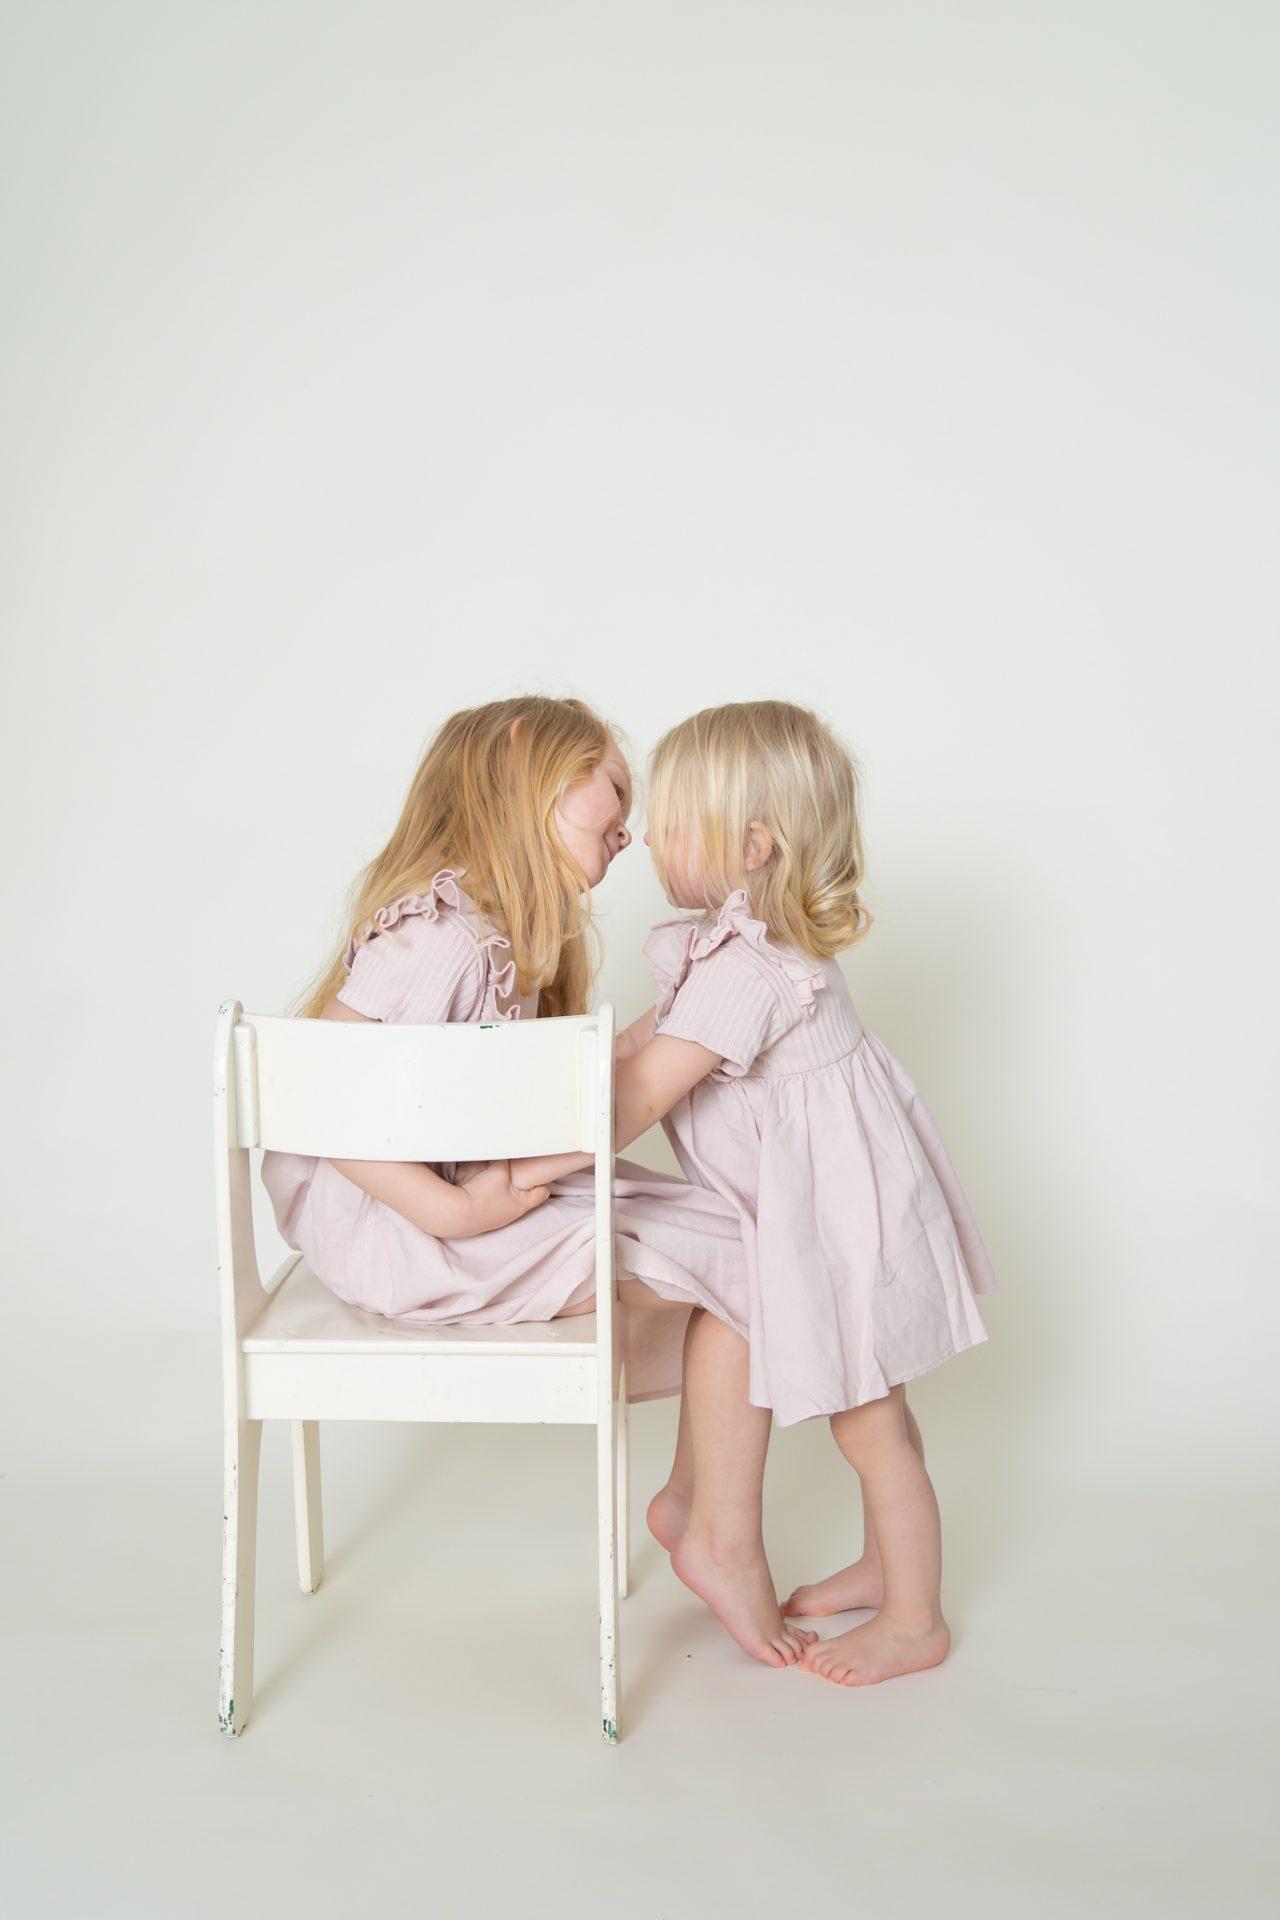 Fotostudio in Borchen spielende Kinder (17)